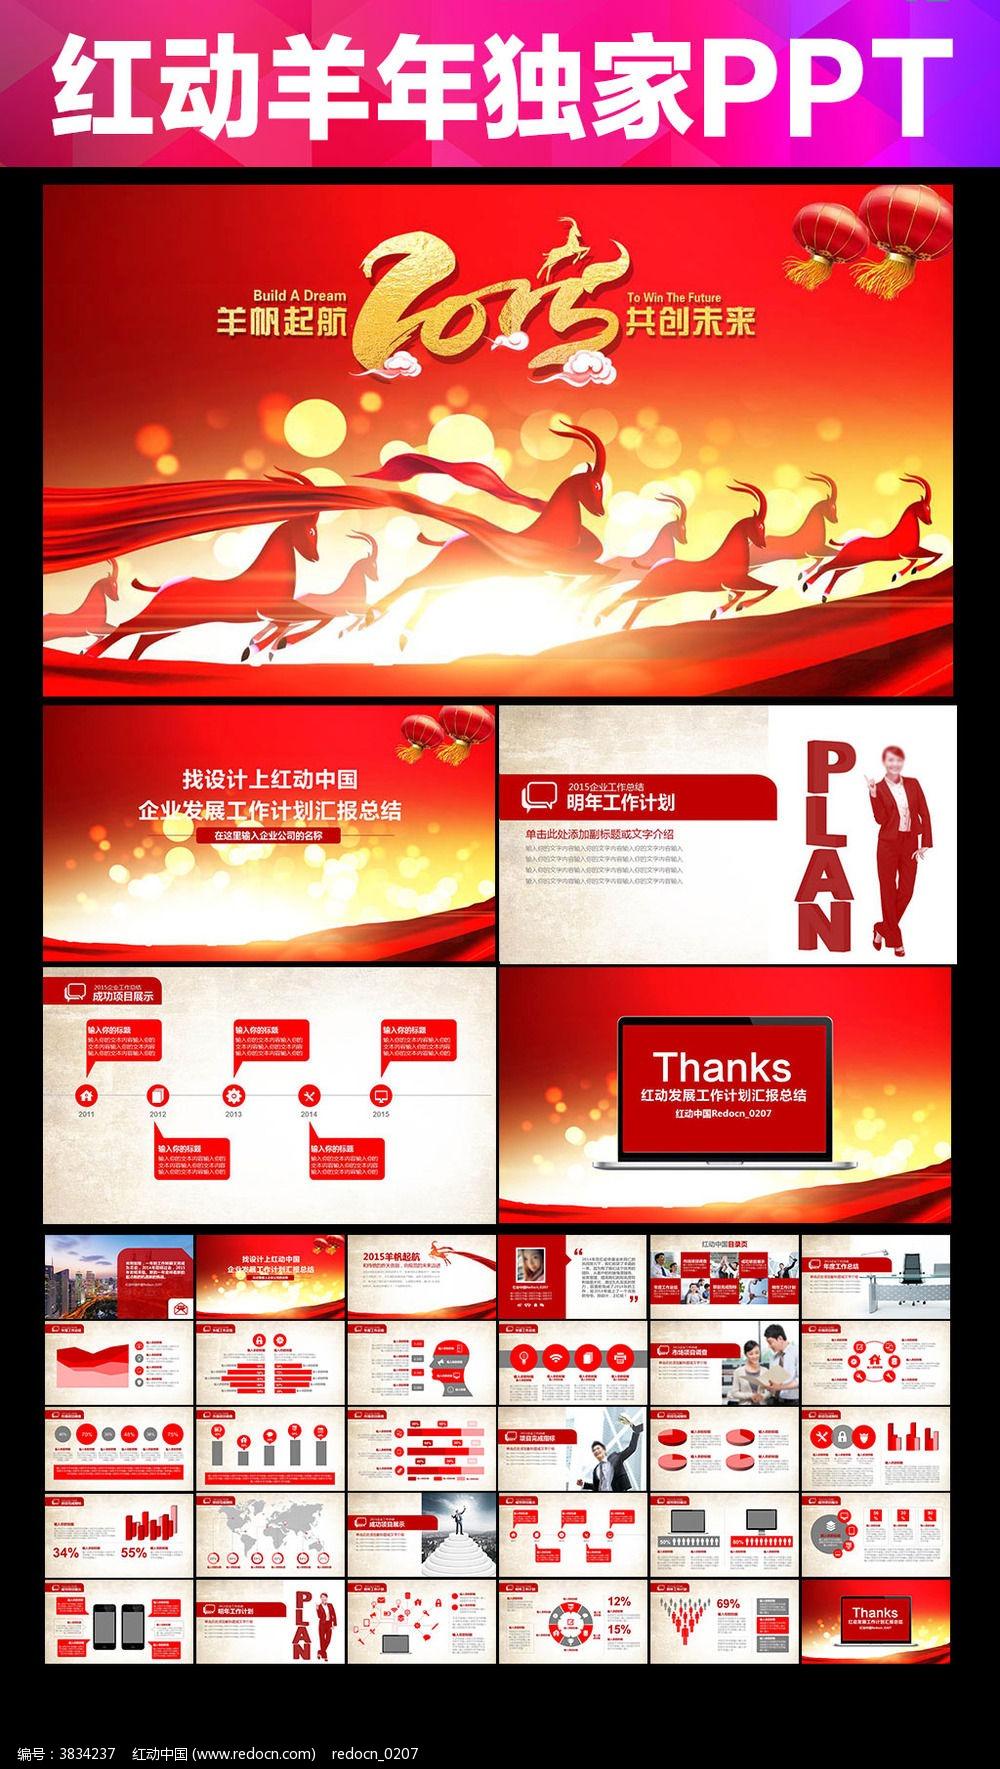 红色喜庆2015年终总结新年计PPT模板图片